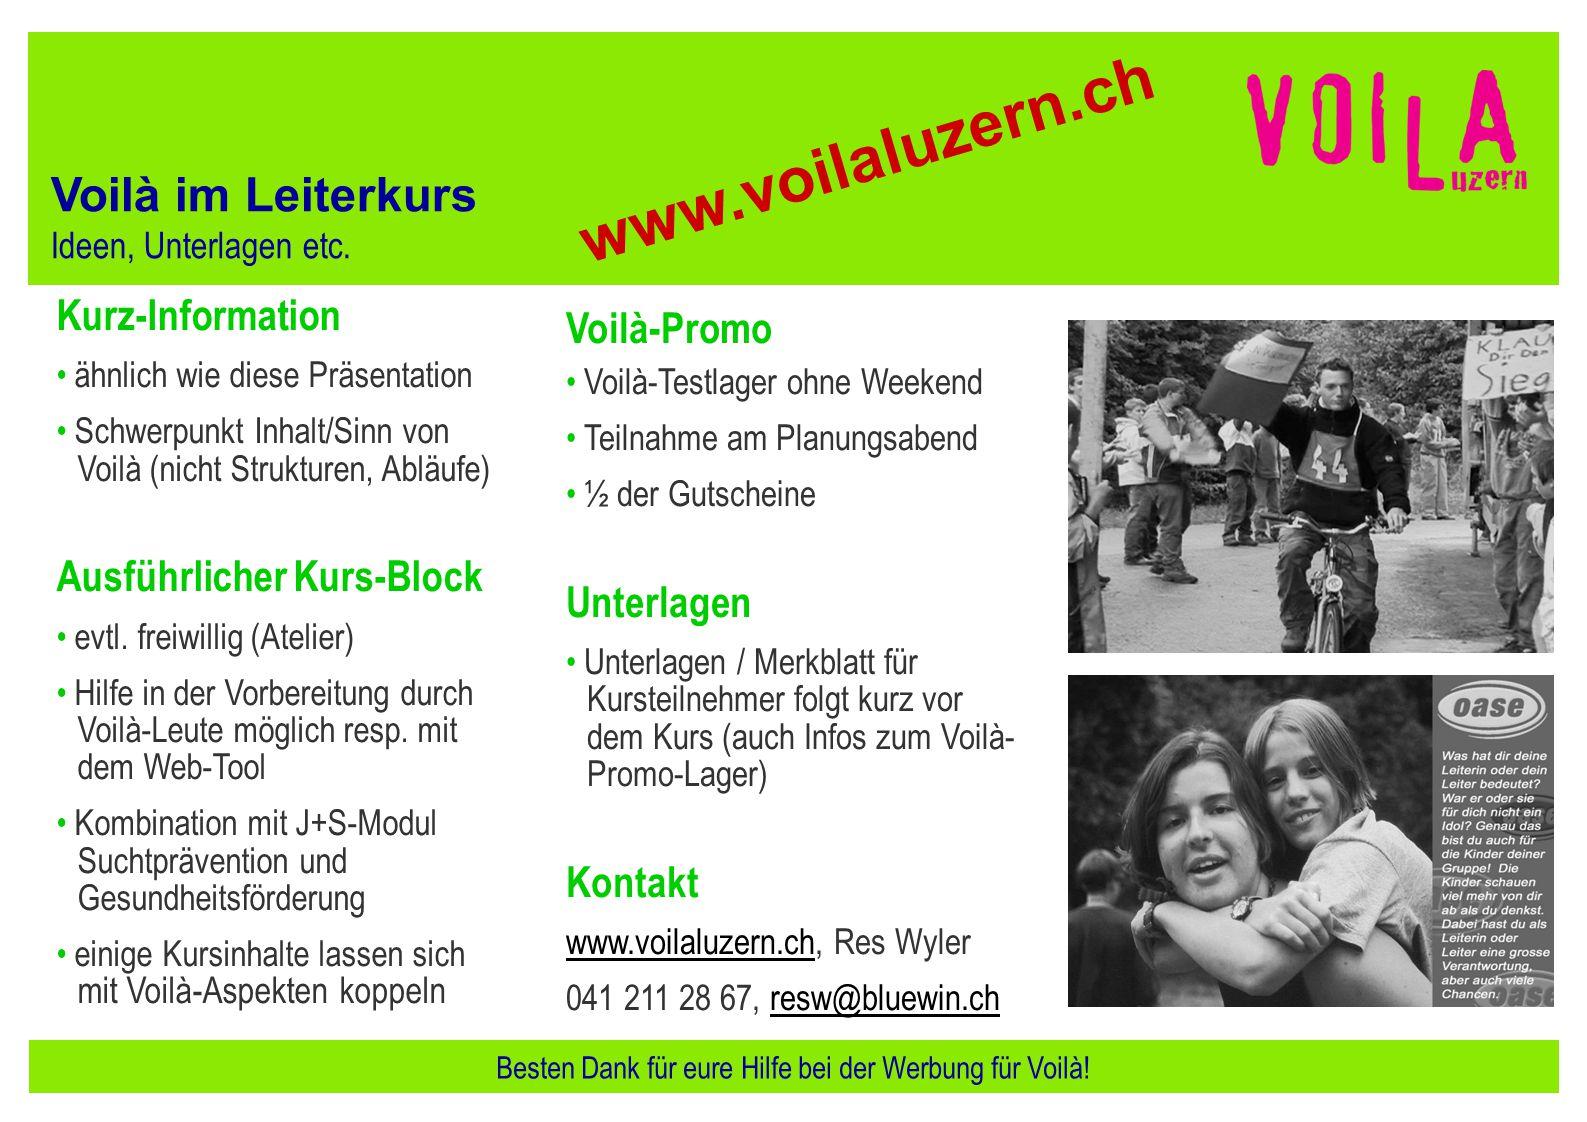 Besten Dank für eure Hilfe bei der Werbung für Voilà!